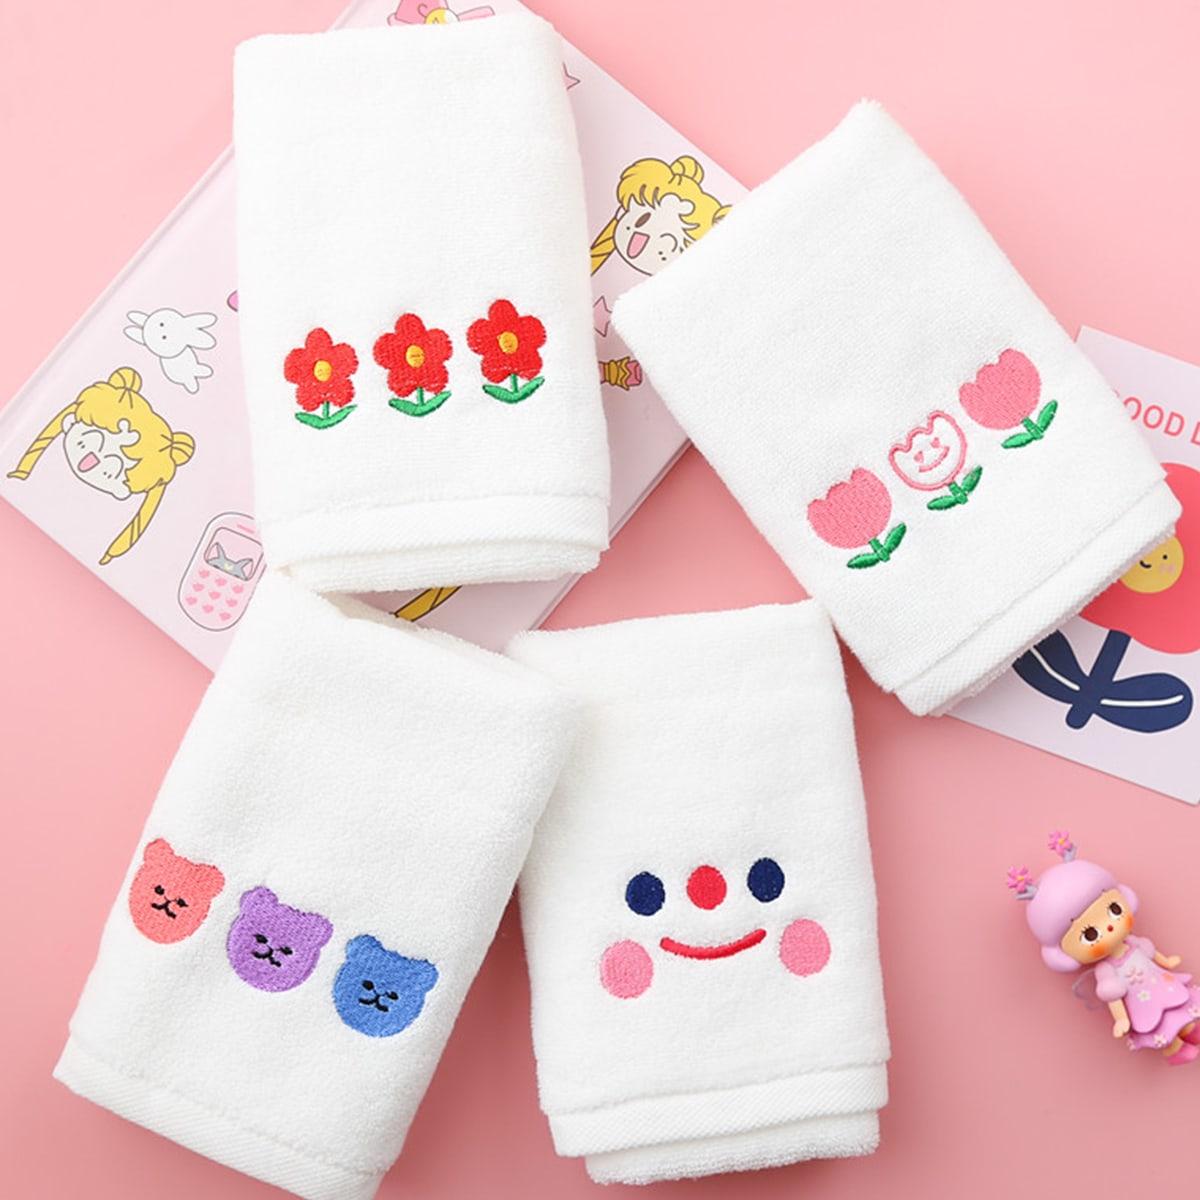 1pc willekeurige cartoon grafische handdoek